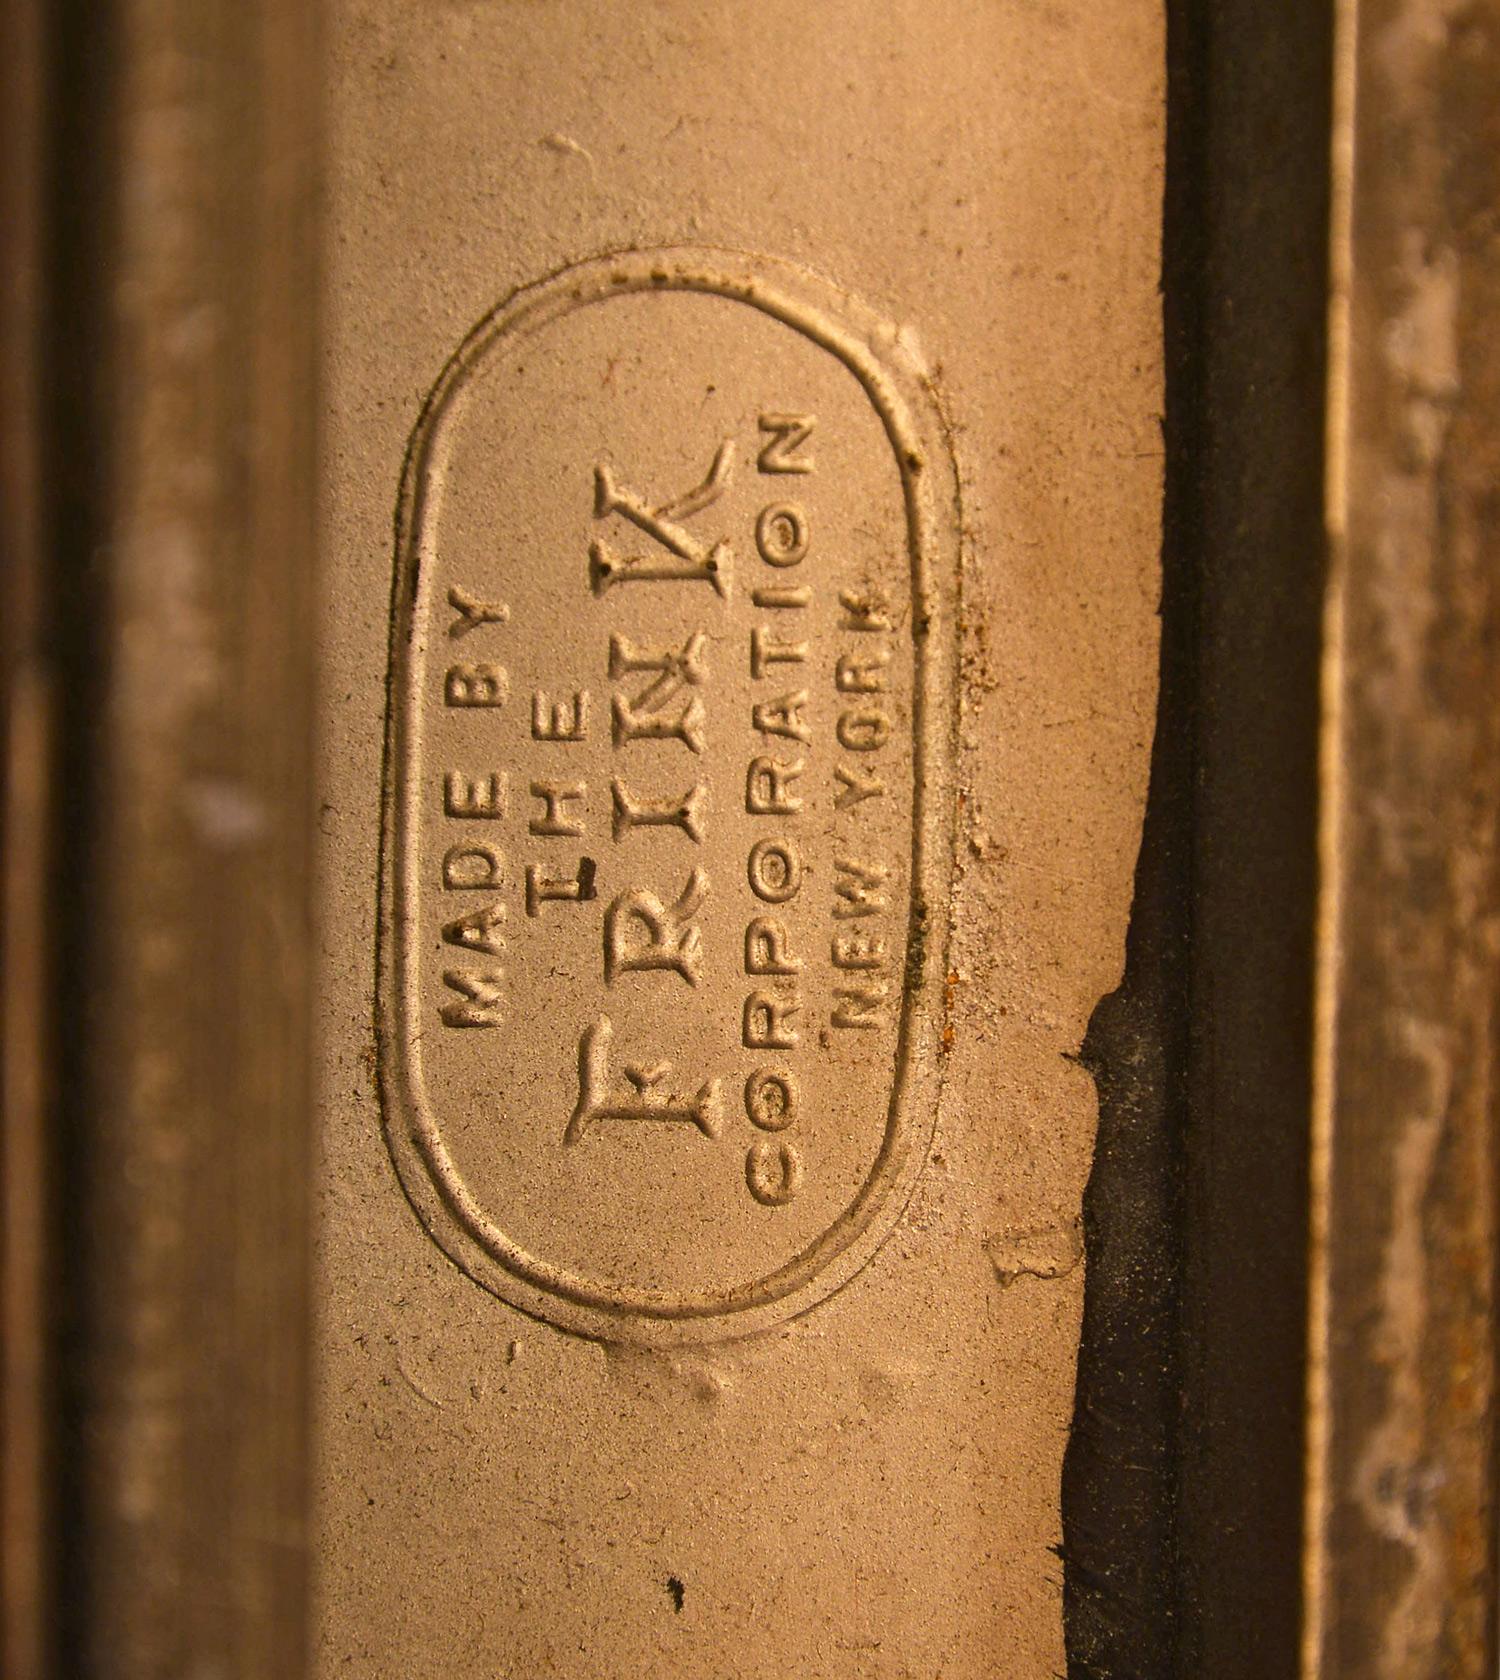 46258-frink-mirror-stamp.jpg